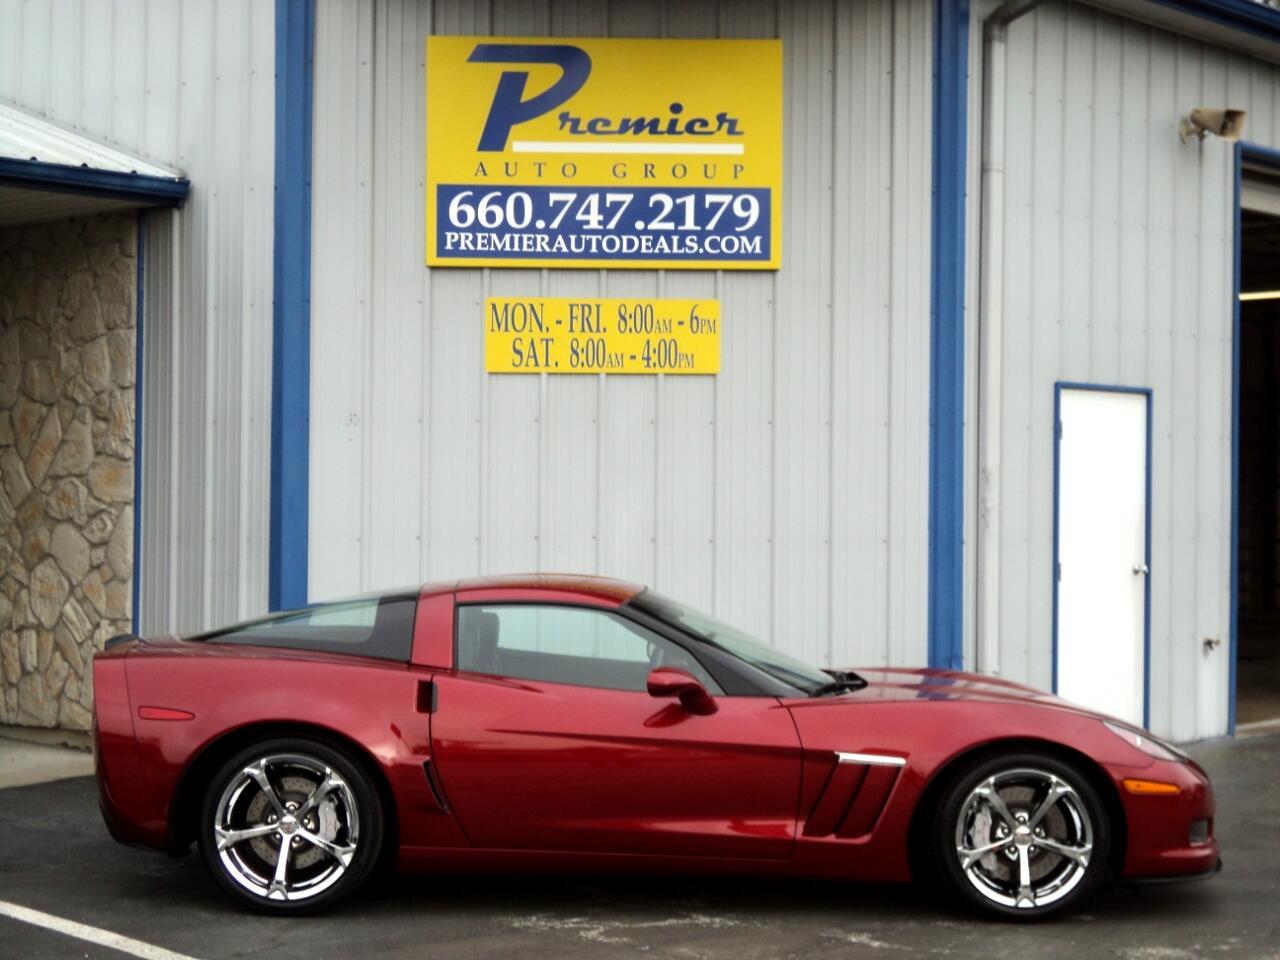 2012 Chevrolet Corvette 2dr Cpe Z16 Grand Sport w/3LT